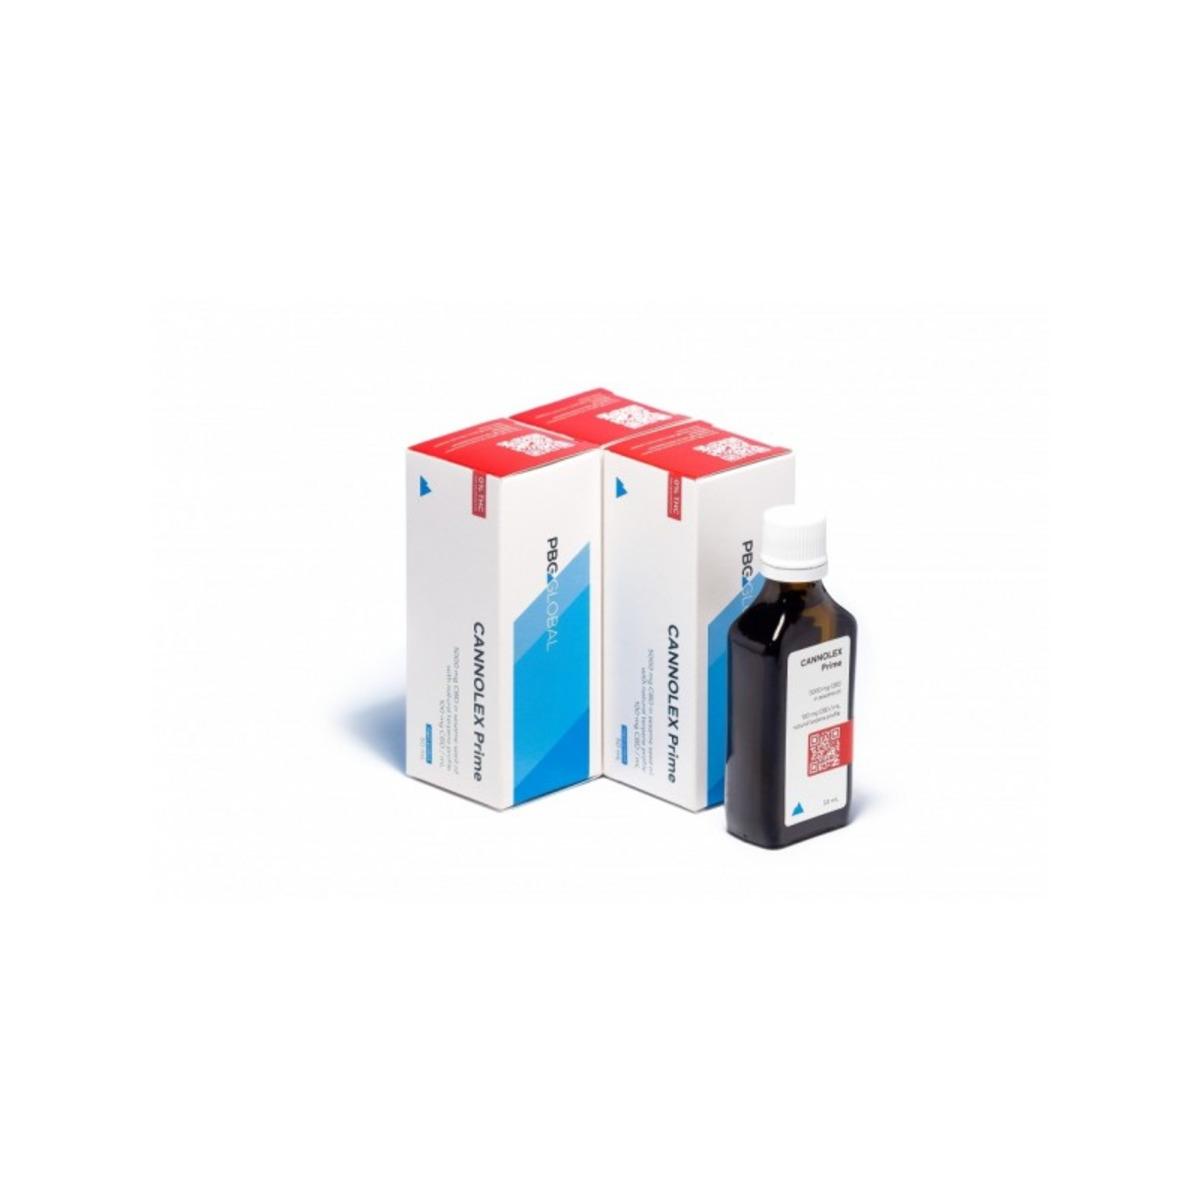 CANNOLEX Prime 5000мг. CBD масло